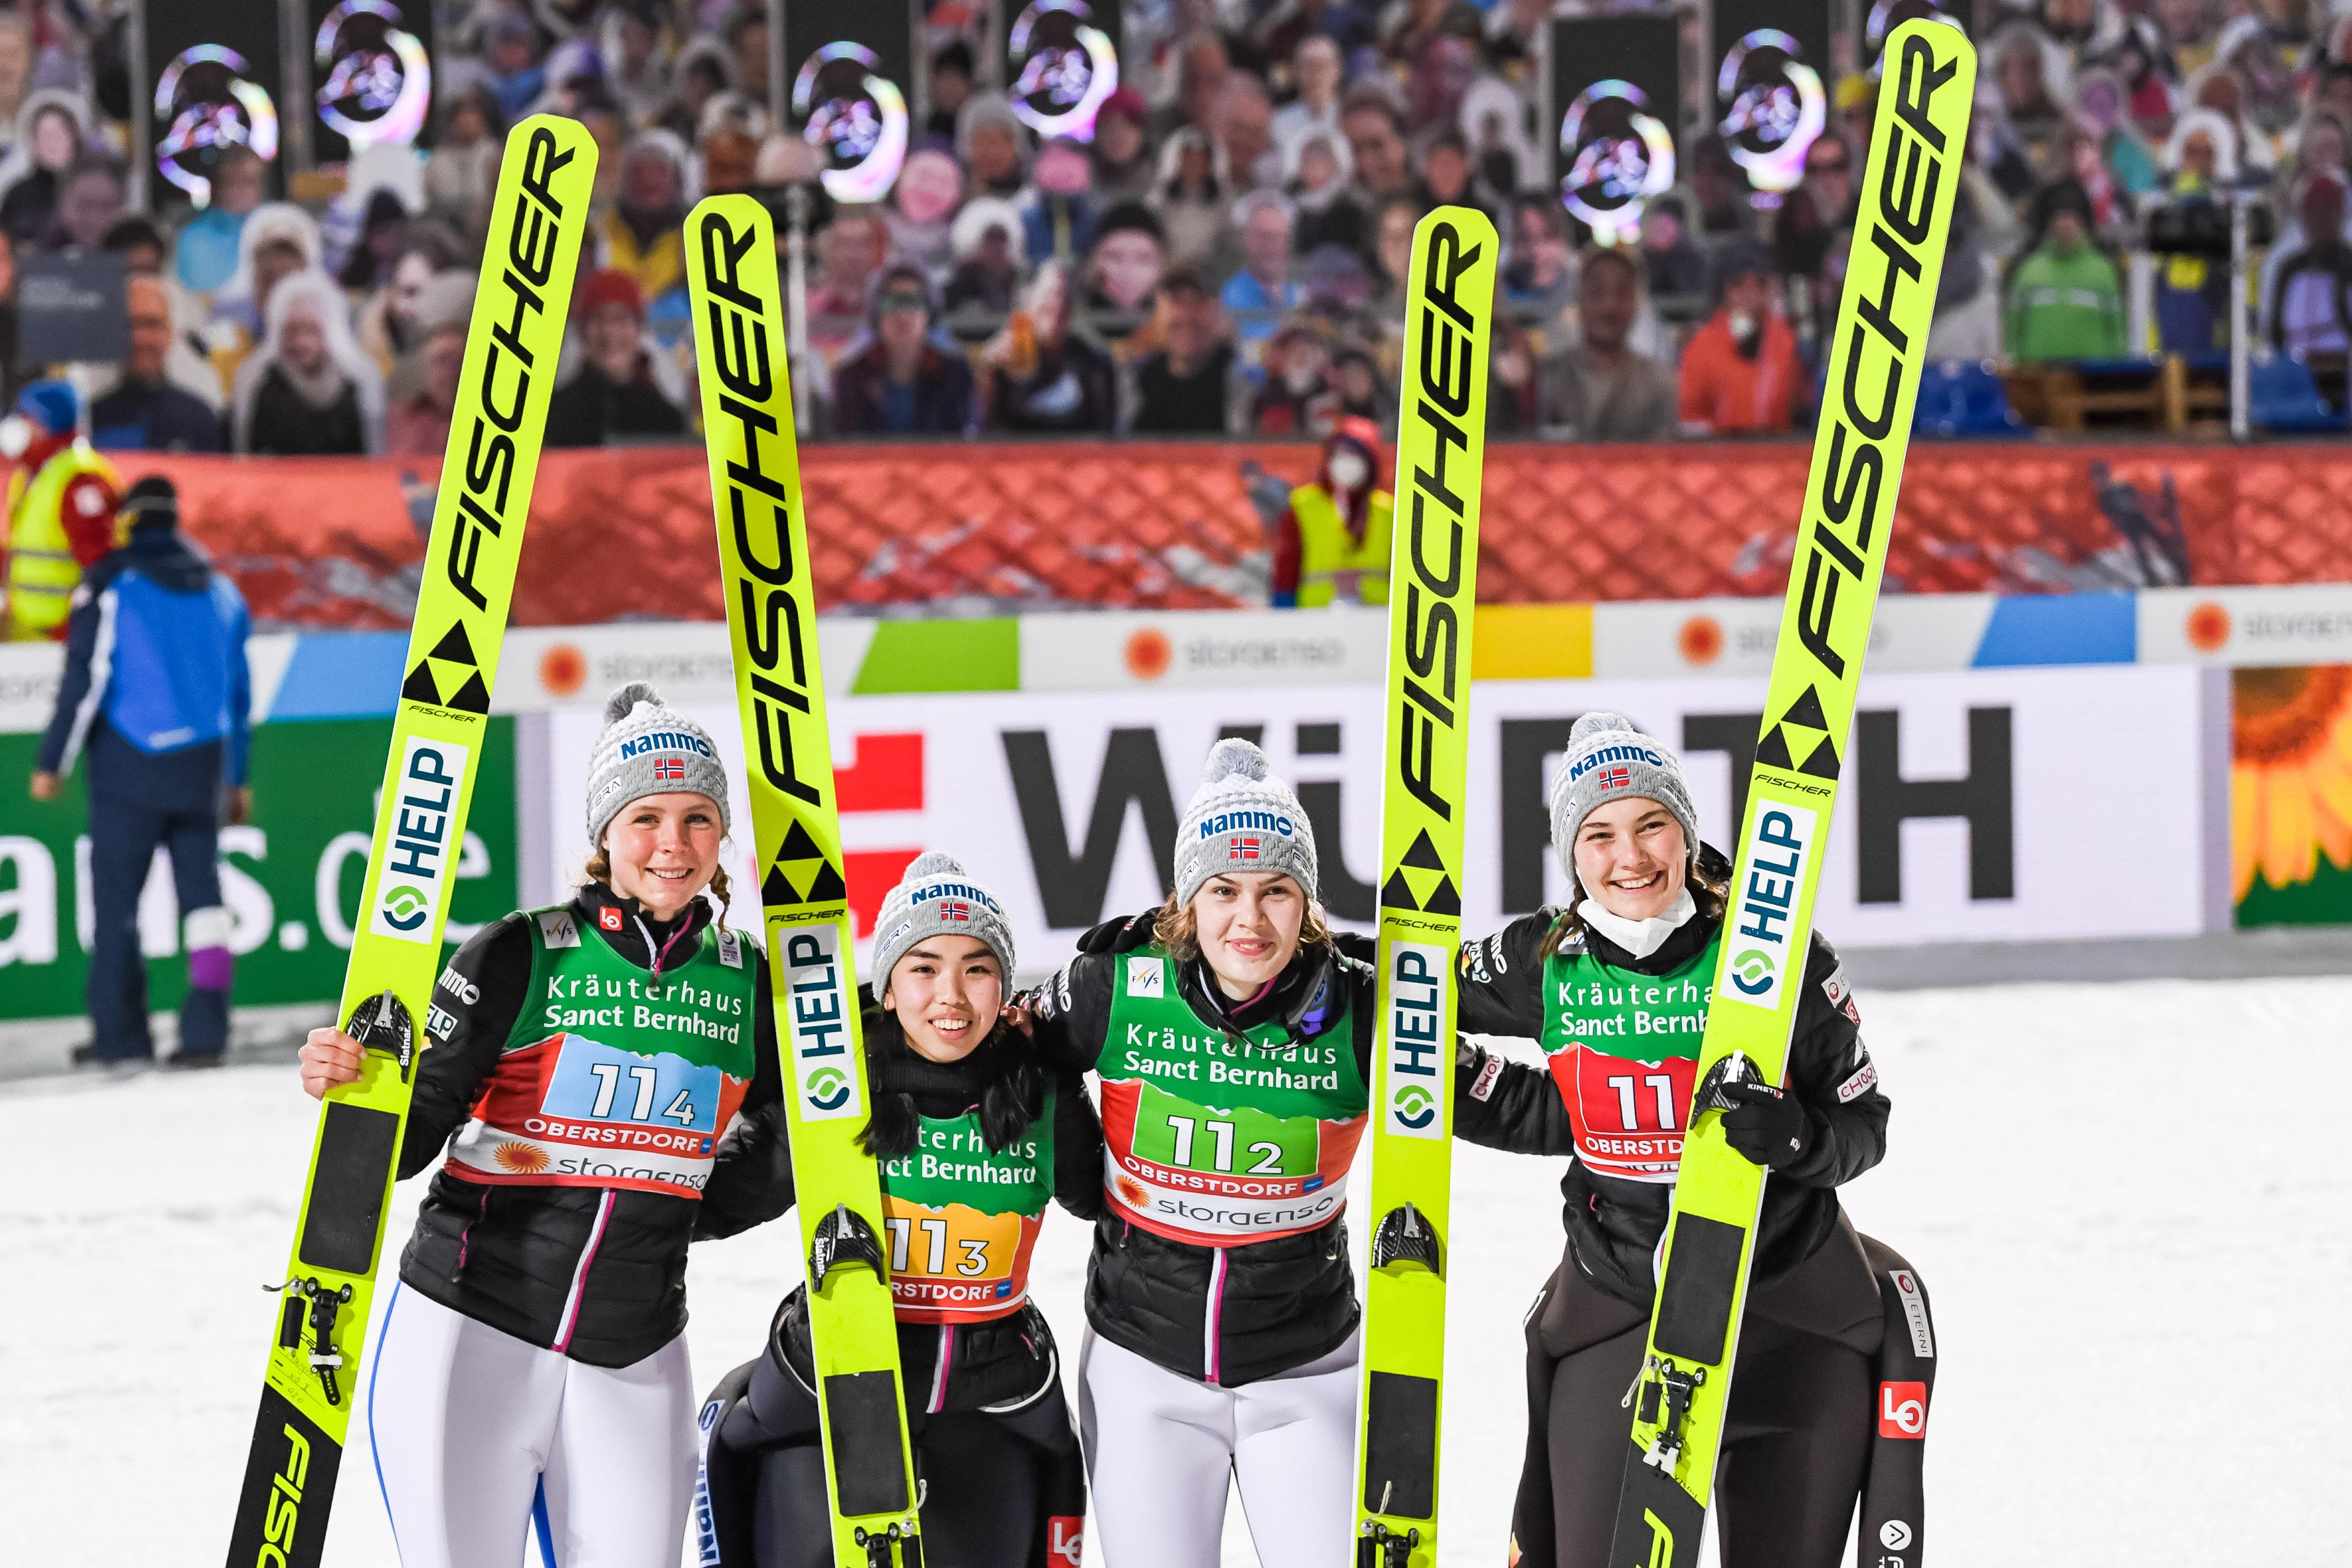 Norwegen und Österreich winning in Oberstdorf